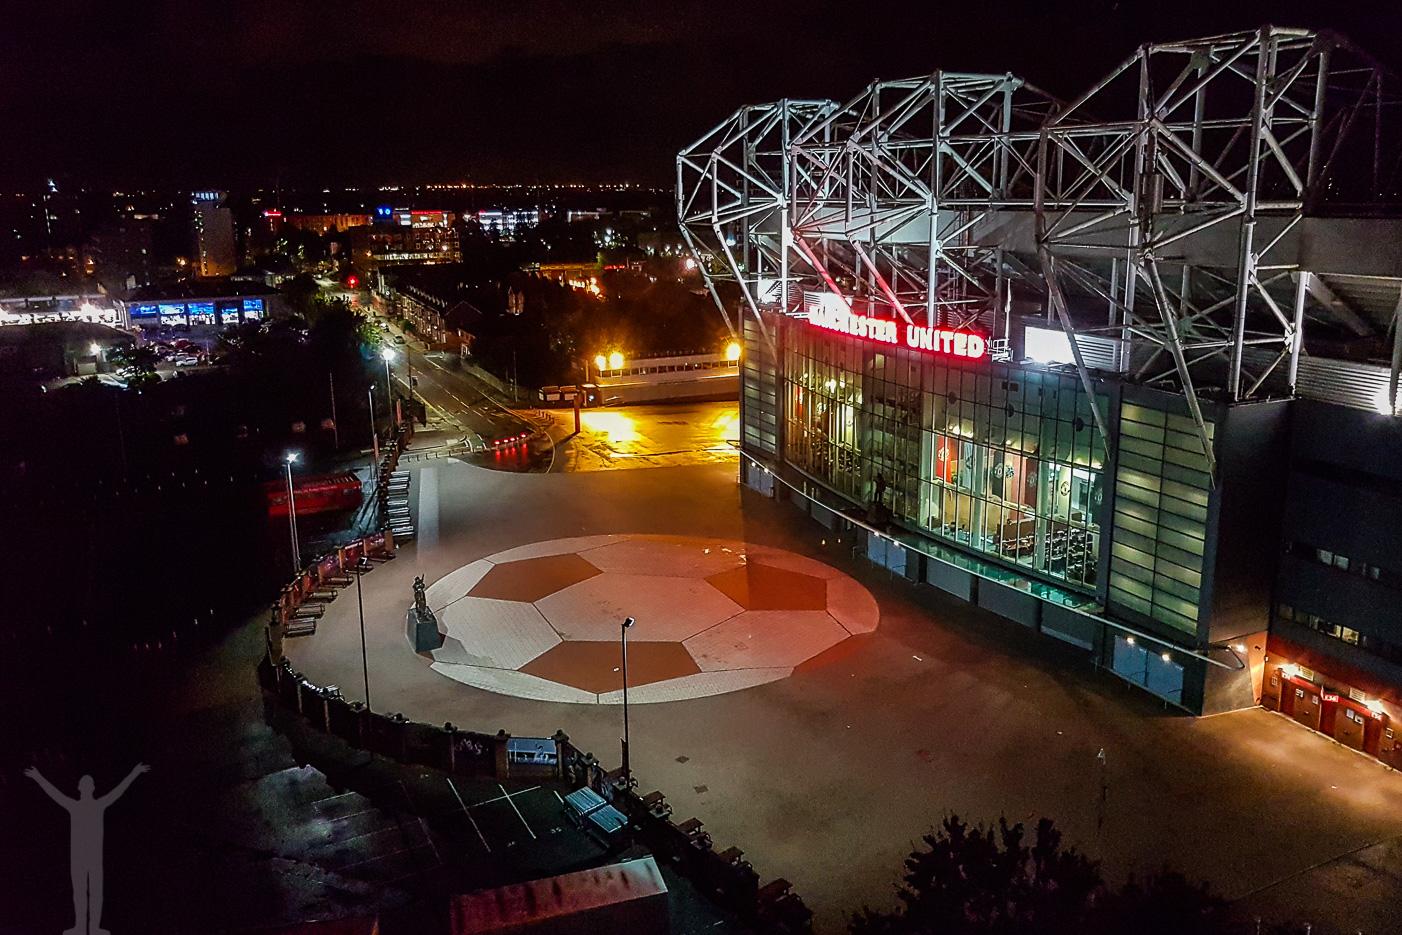 Old Trafford från taket på Hotel Football